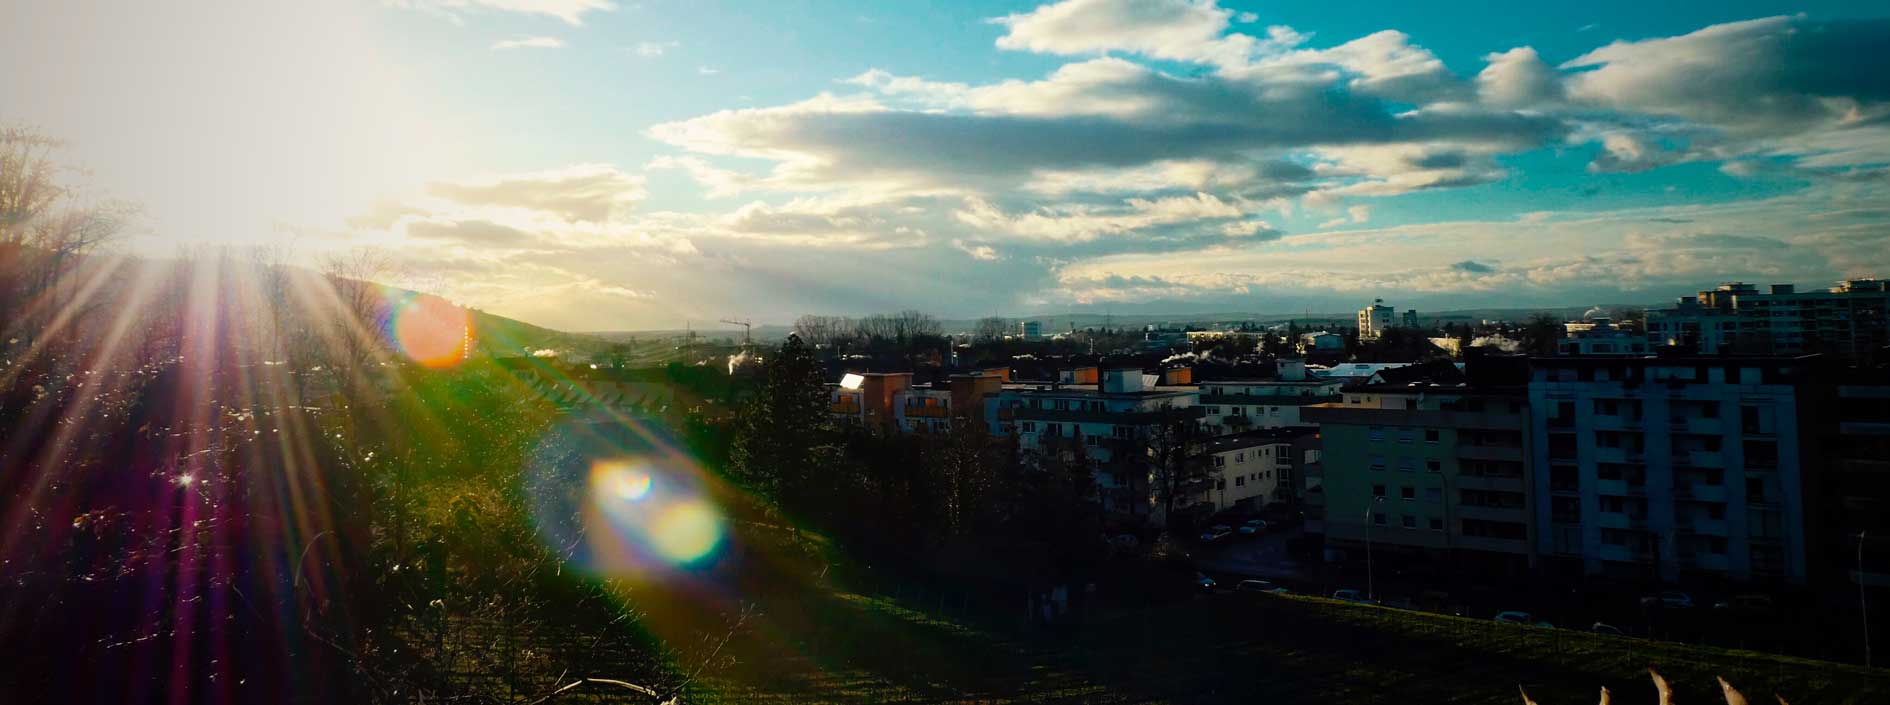 te-veo_stephanie-zeller_johannesguendel_Freiburg-Merzhausen